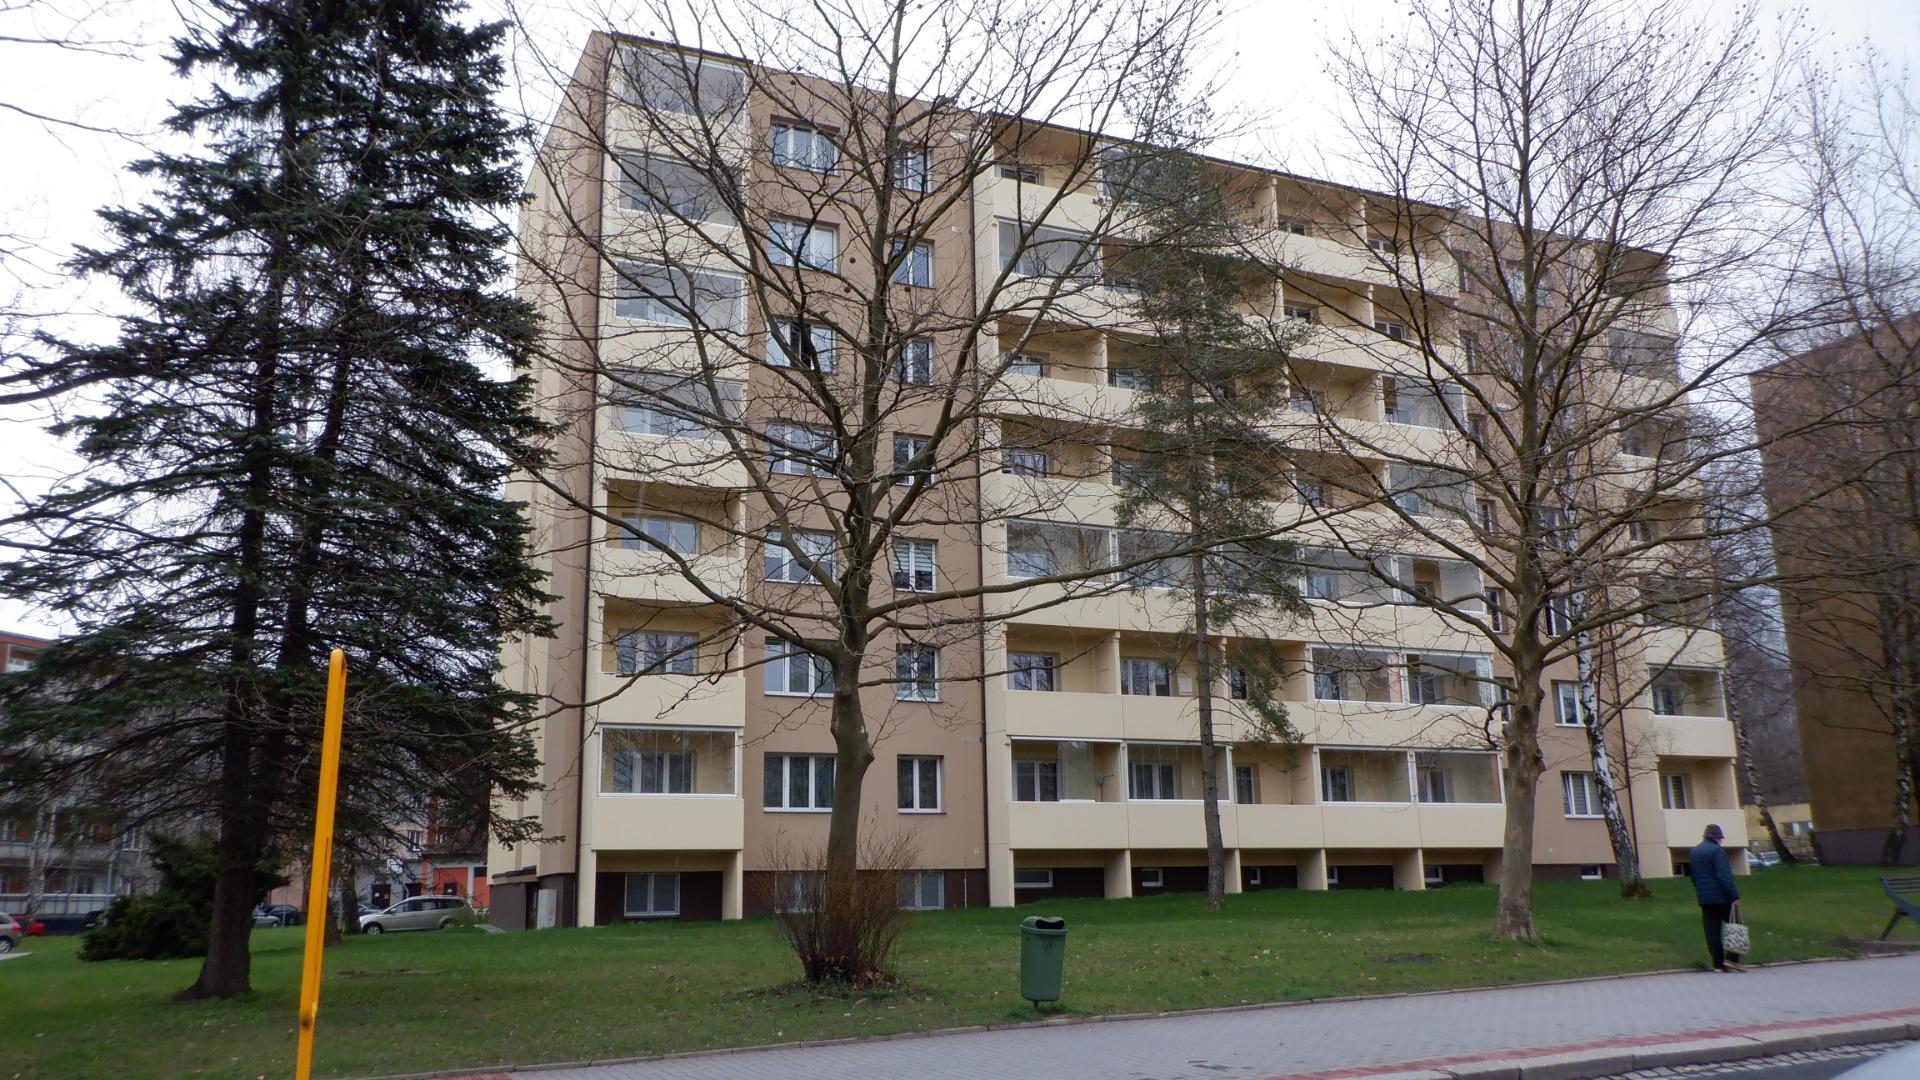 prodej bytu 3+1, Třinec, Lyžbice, Štefáníkova